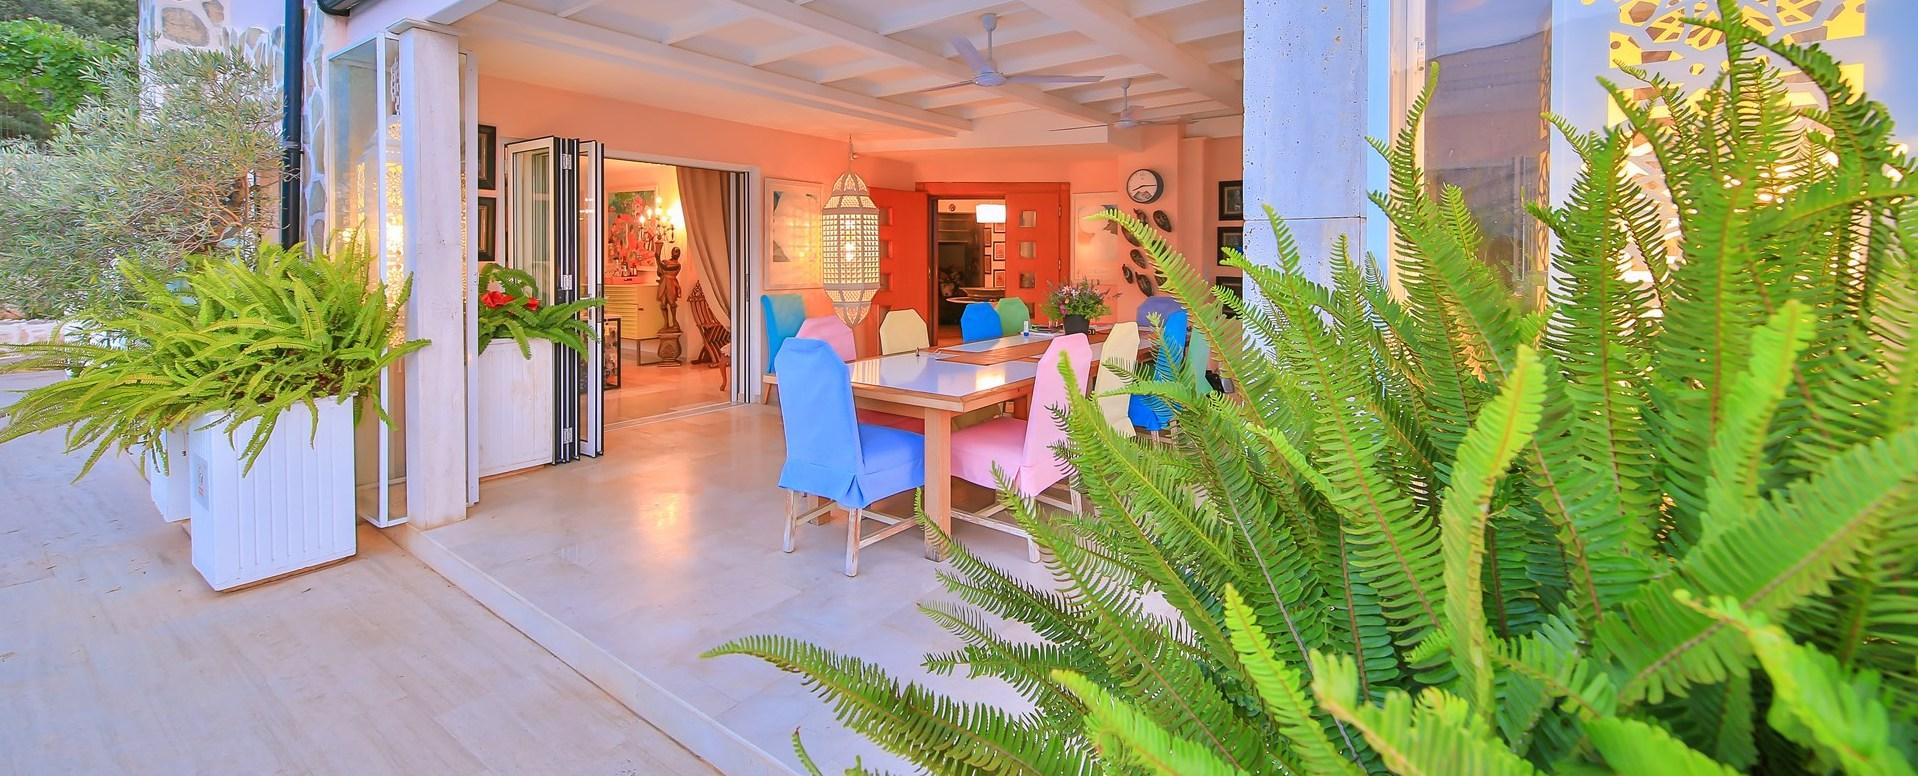 villa-kas-turkey-dining-room